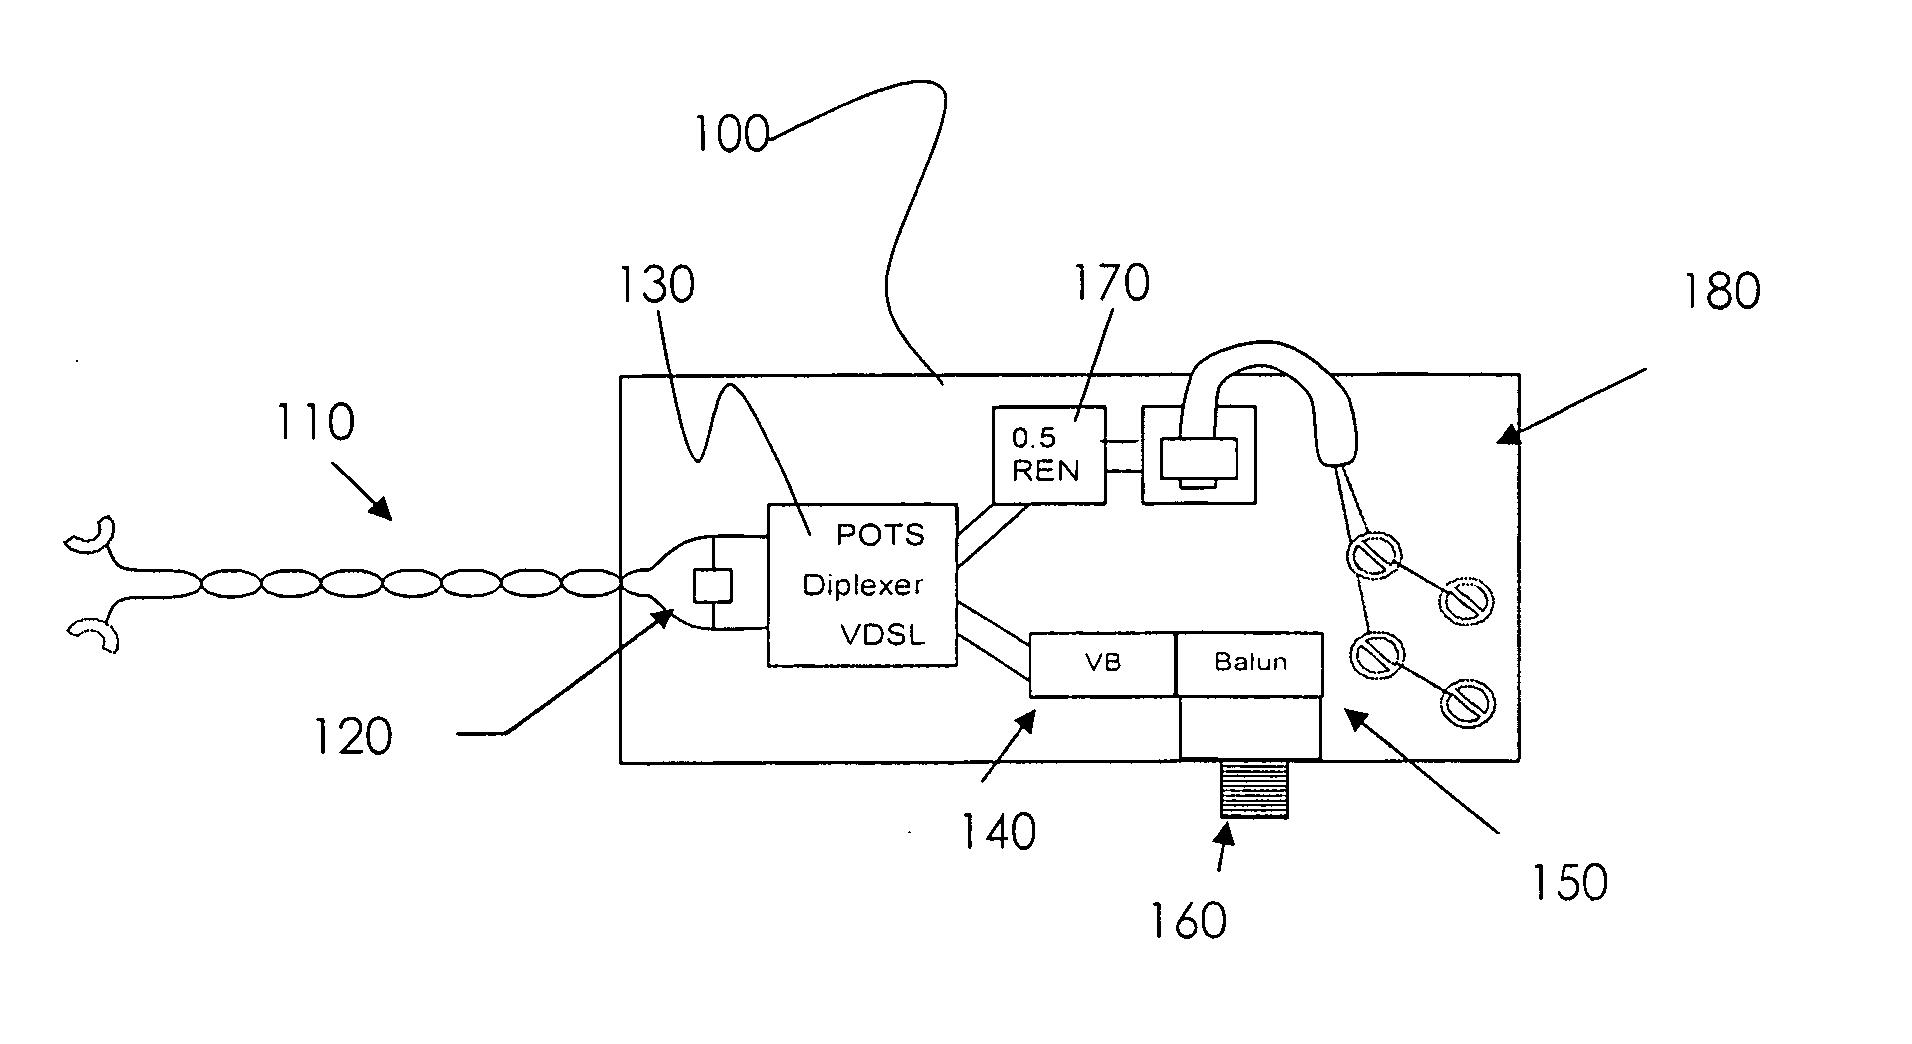 vdsl2 wiring diagram frog external anatomy corning adsl vdsl pots splitter 46